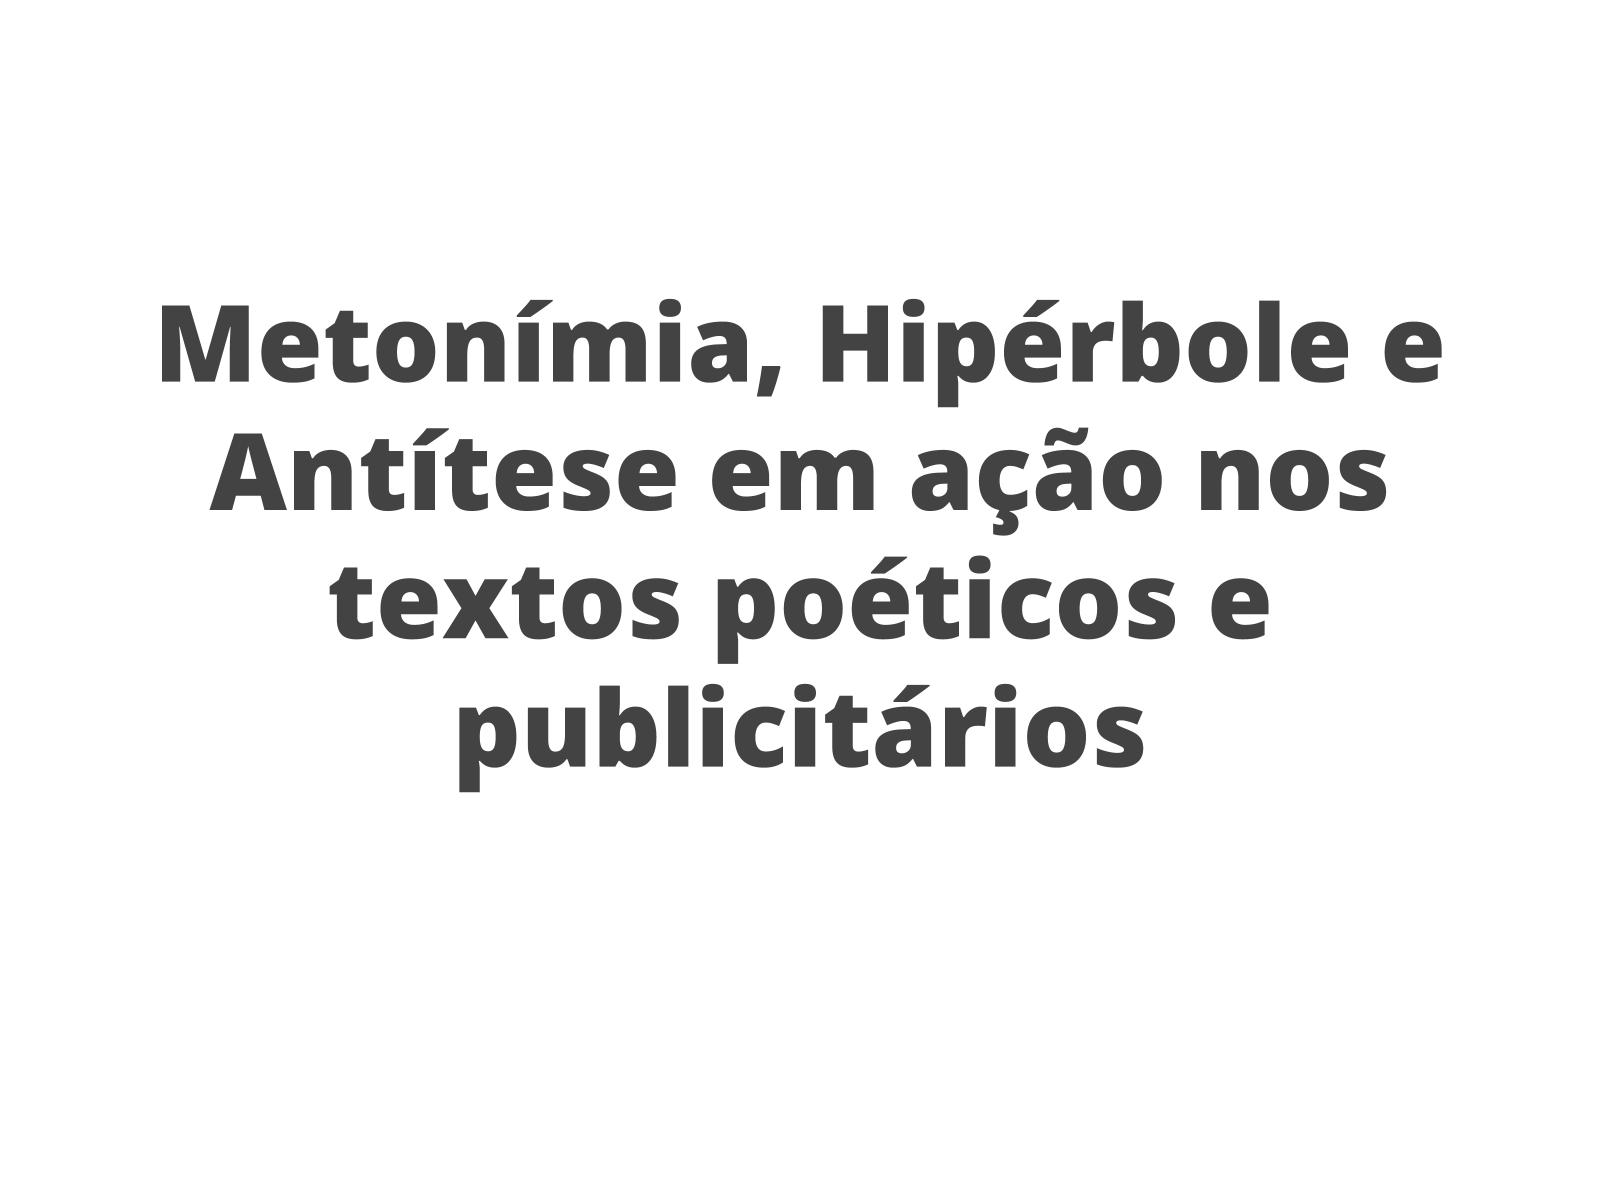 Metonímia, Hipérbole e Antítese em ação nos textos poéticos e publicitários